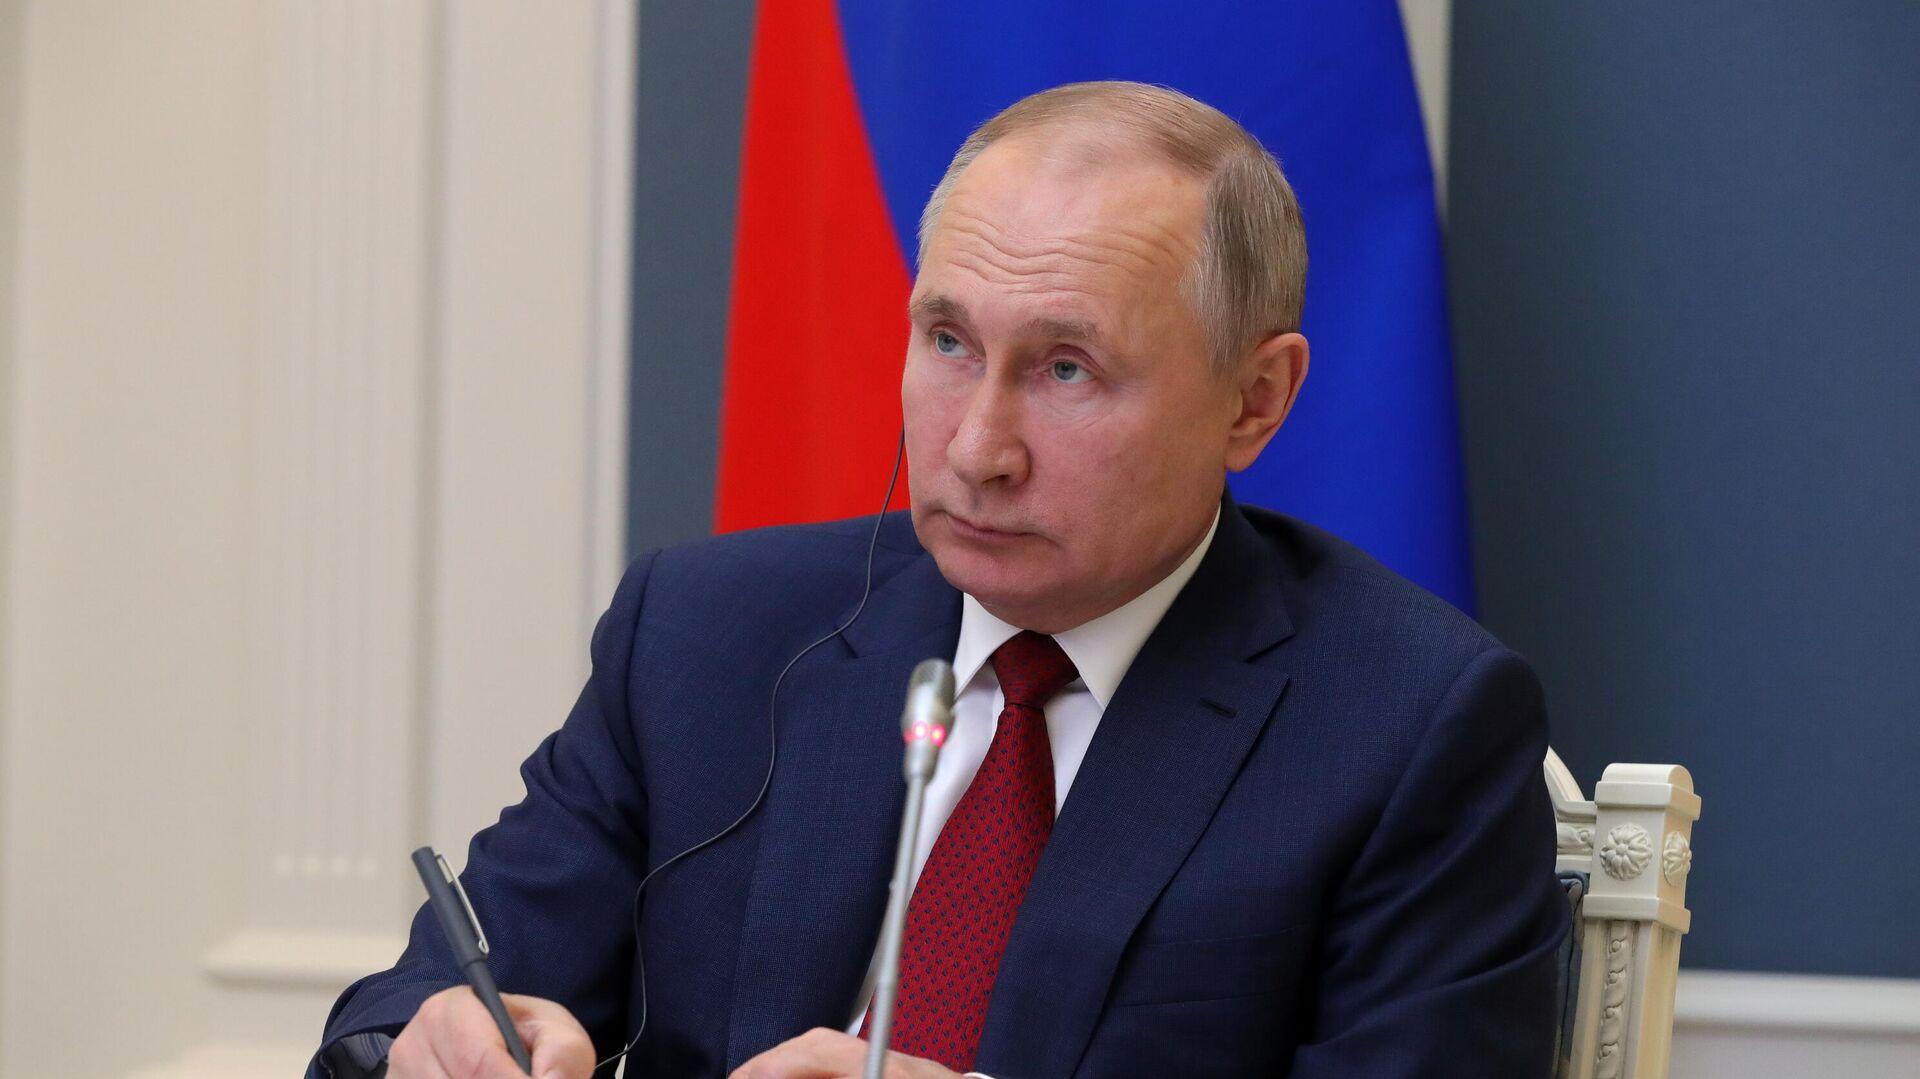 Президент РФ Владимир Путин принимает участие в сессии Давосская повестка дня 2021 Всемирного экономического форума  - РИА Новости, 1920, 01.02.2021